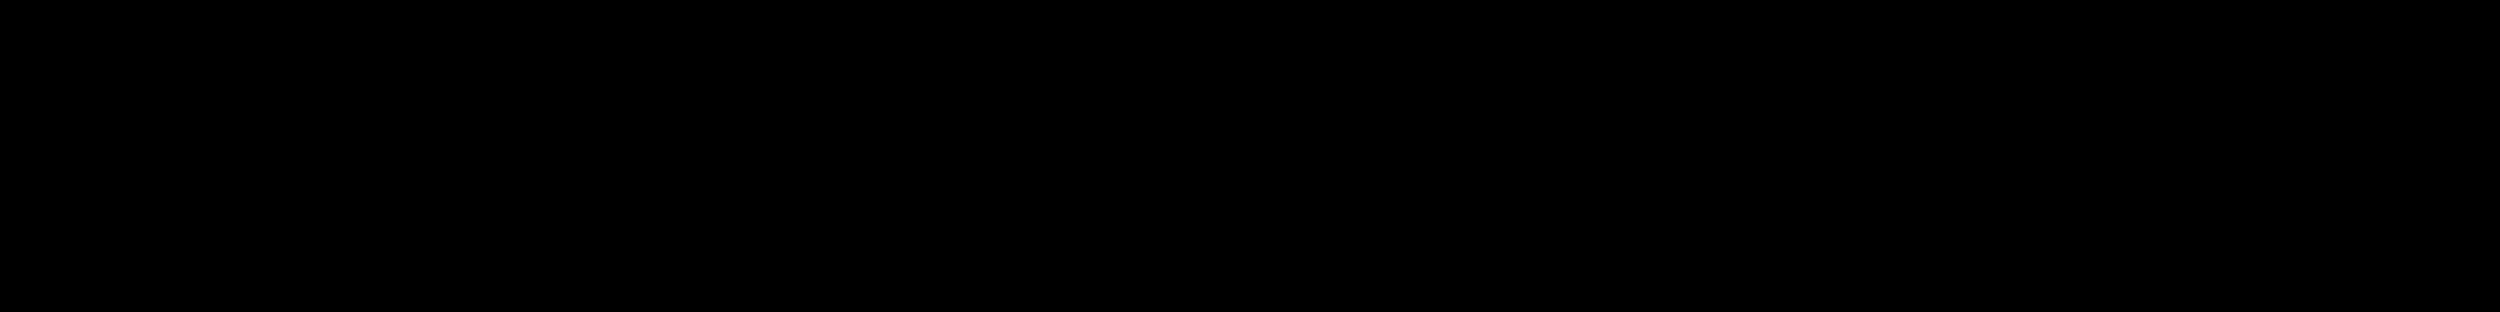 Whistles_logo_black.png